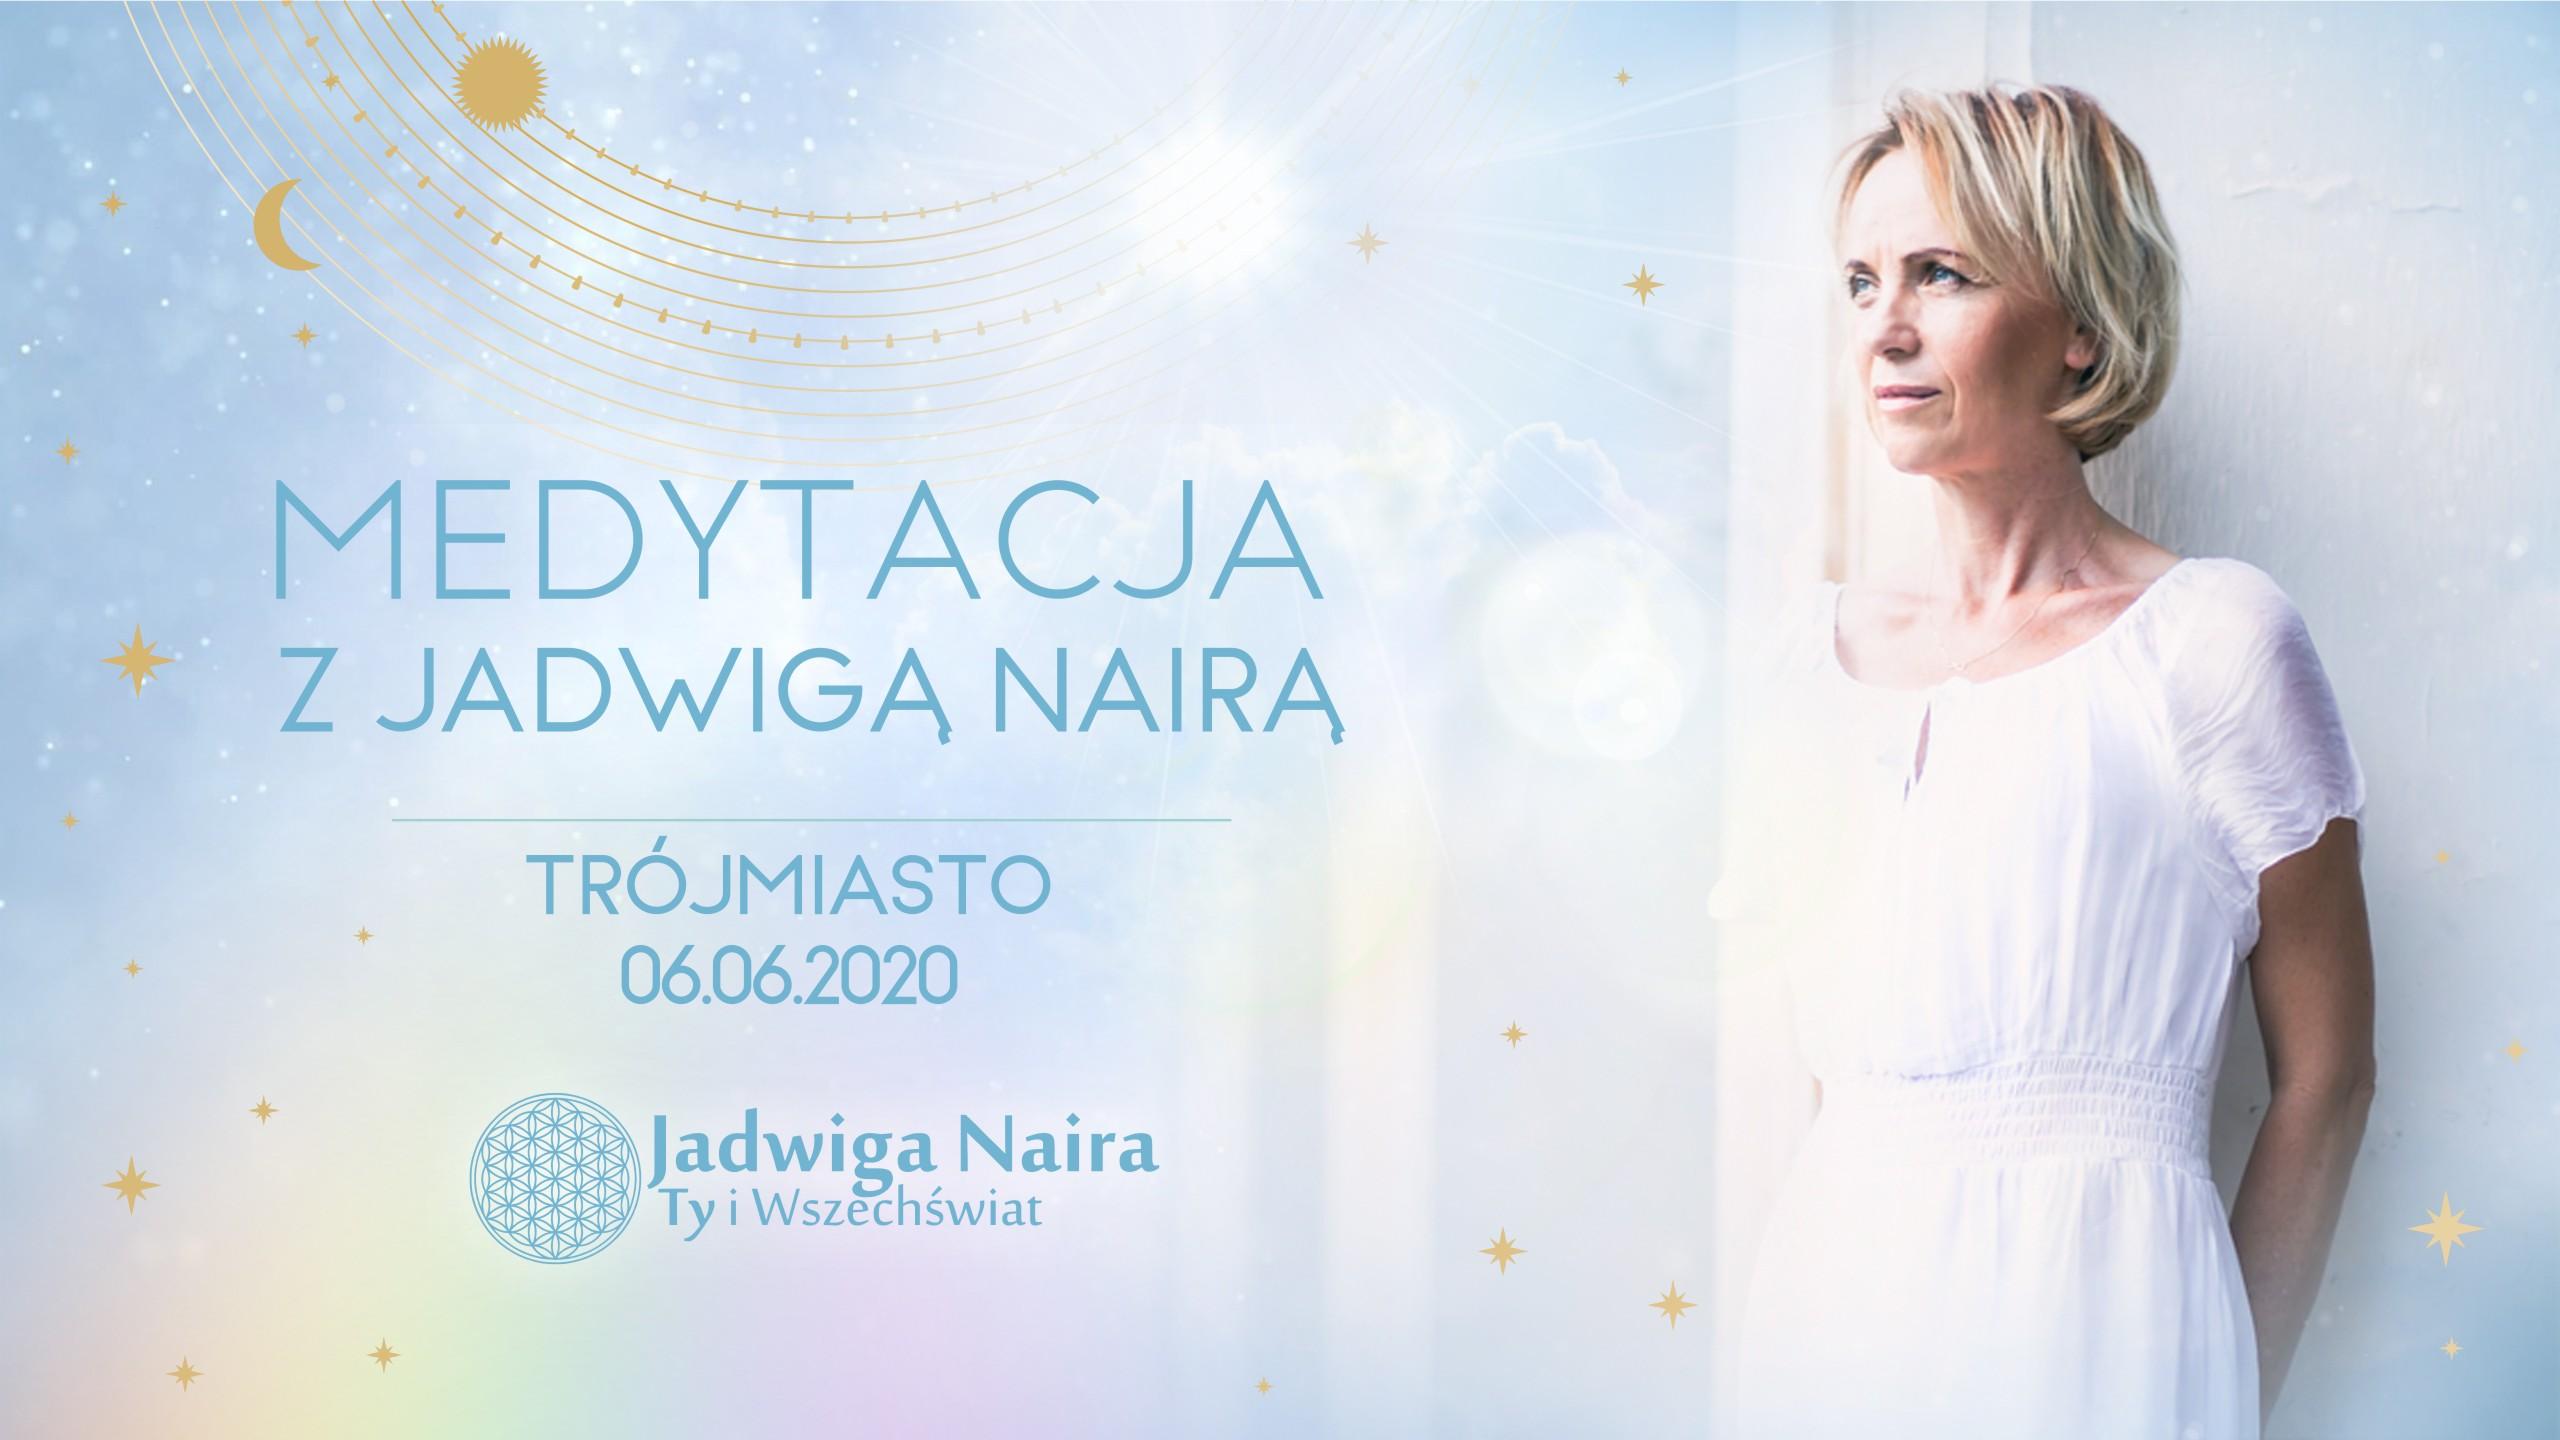 Medytacja z Jadwigą Nairą / Trójmiasto